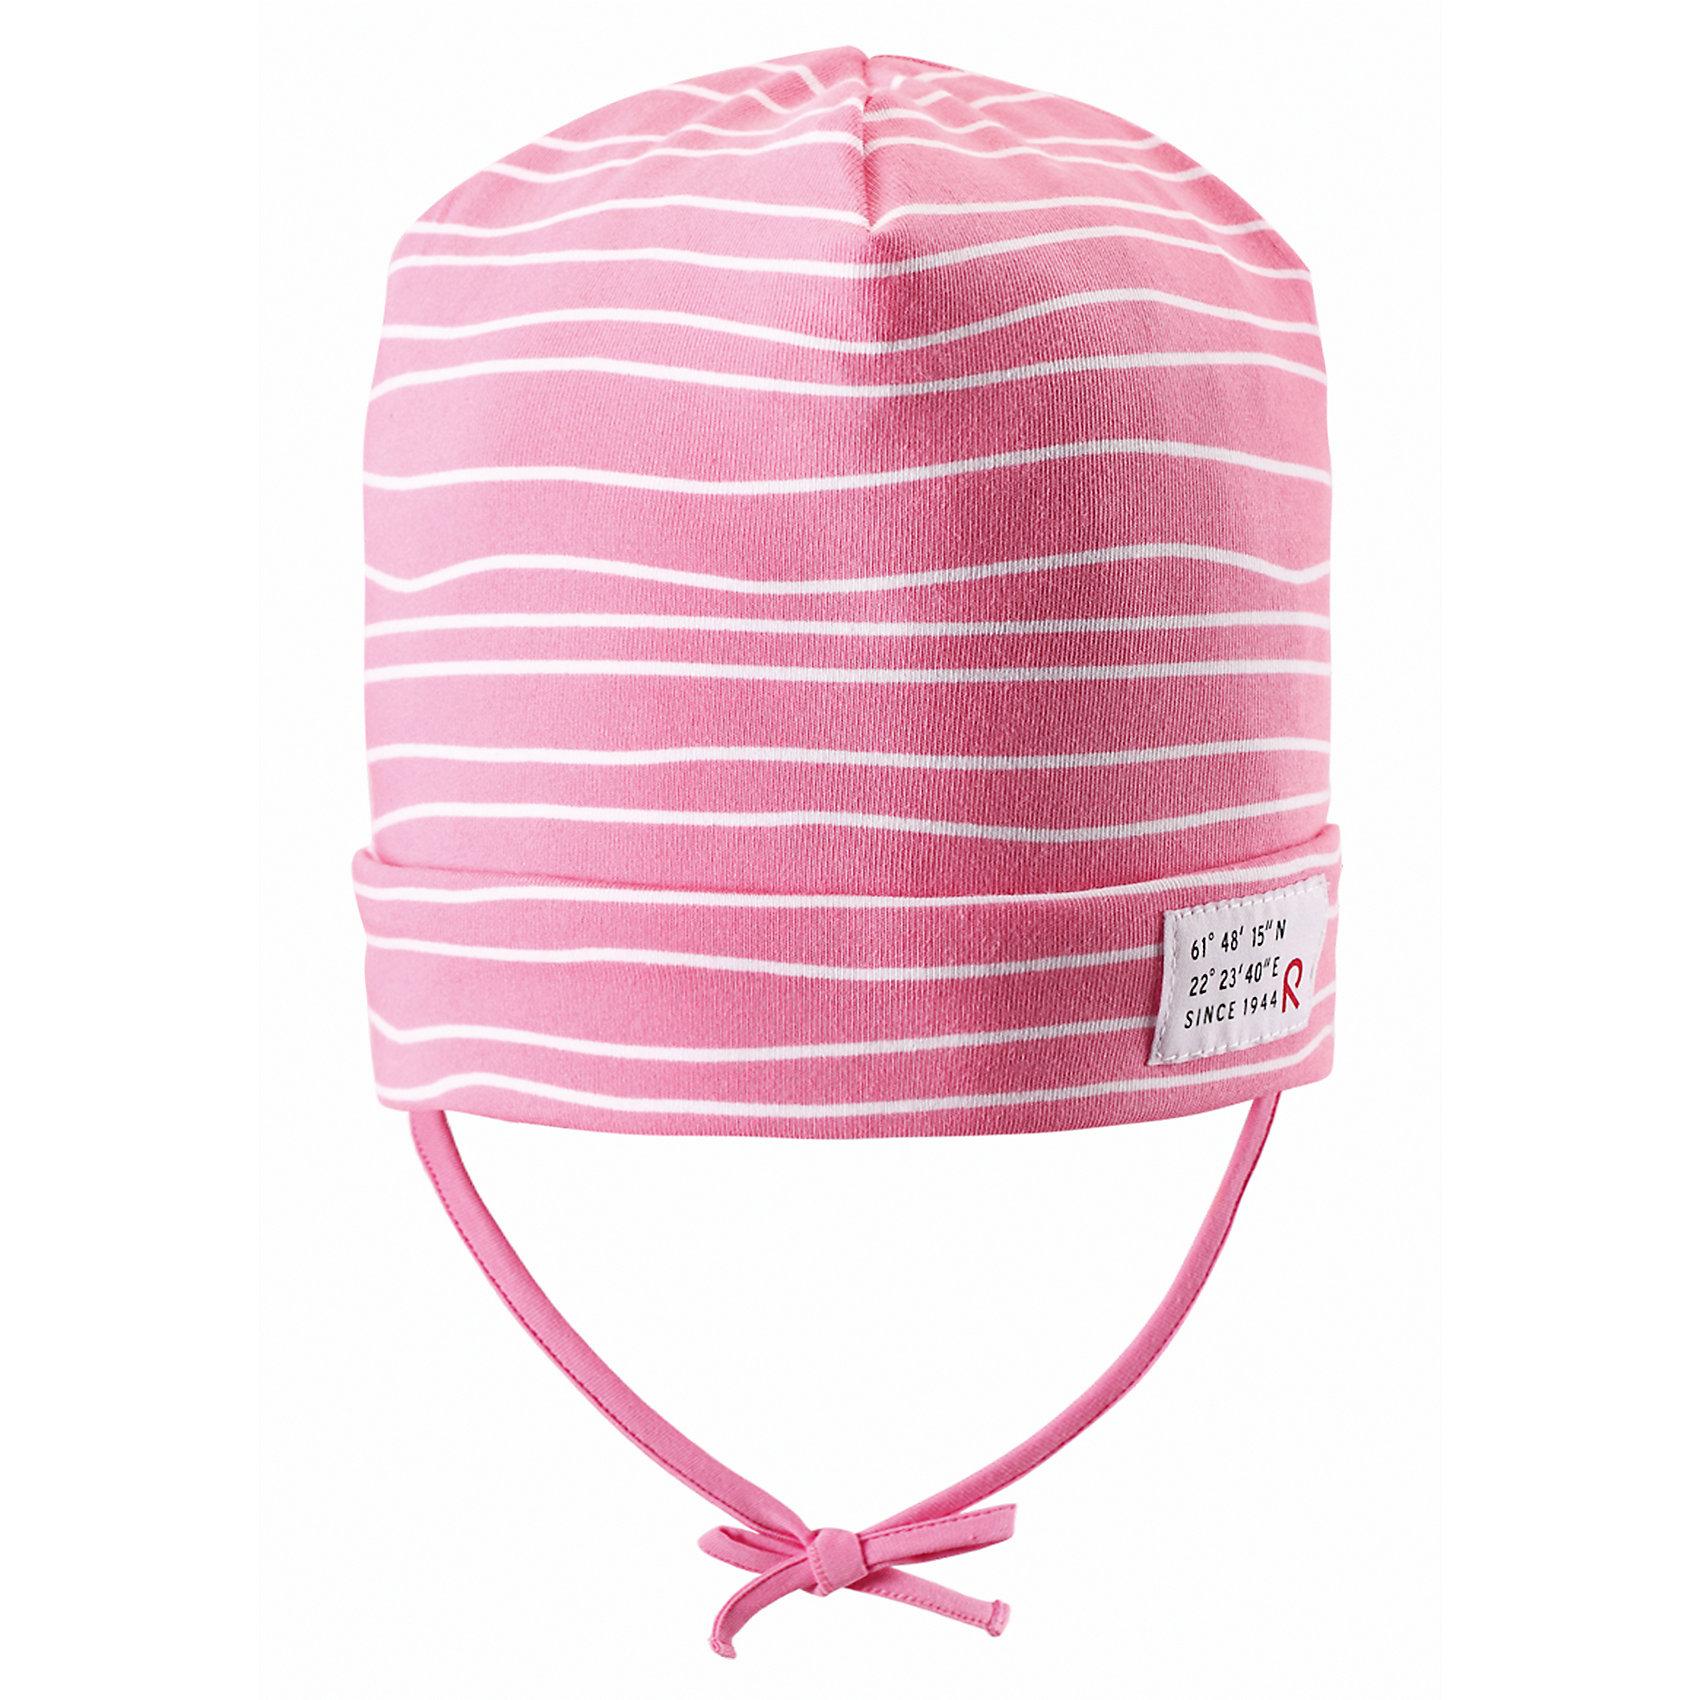 Шапка для девочки ReimaВесна пришла! А к весне мы подготовили эту легкую шапочку для малышей свежей расцветки с УФ-защитой 40+. Шапочка изготовлена из дышащего и быстросохнущего материла Play Jersey®, эффективно выводящего влагу с кожи. Идеальный выбор для активных прогулок на весеннем солнышке! <br><br>Дополнительная информация:<br><br>Трикотажная шапка «Бини» для малышей<br>Быстросохнущий материал Play Jersey, приятный на ощупь<br>Мягкий хлопчатобумажный верх, внутренняя поверхность хорошо выводит влагу<br>Фактор защиты от ультрафиолета 40+<br>Сплошная подкладка: отводящий влагу материал Play Jersey<br>Логотип Reima® сбоку<br>Состав:<br>65% ХЛ 30% ПЭ 5% ЭЛ<br>Уход:<br>Стирать с бельем одинакового цвета, вывернув наизнанку. Полоскать без специального средства. Придать первоначальную форму вo влажном виде.<br><br>Ширина мм: 89<br>Глубина мм: 117<br>Высота мм: 44<br>Вес г: 155<br>Цвет: розовый<br>Возраст от месяцев: 60<br>Возраст до месяцев: 72<br>Пол: Женский<br>Возраст: Детский<br>Размер: 52,48,46,50<br>SKU: 4497776